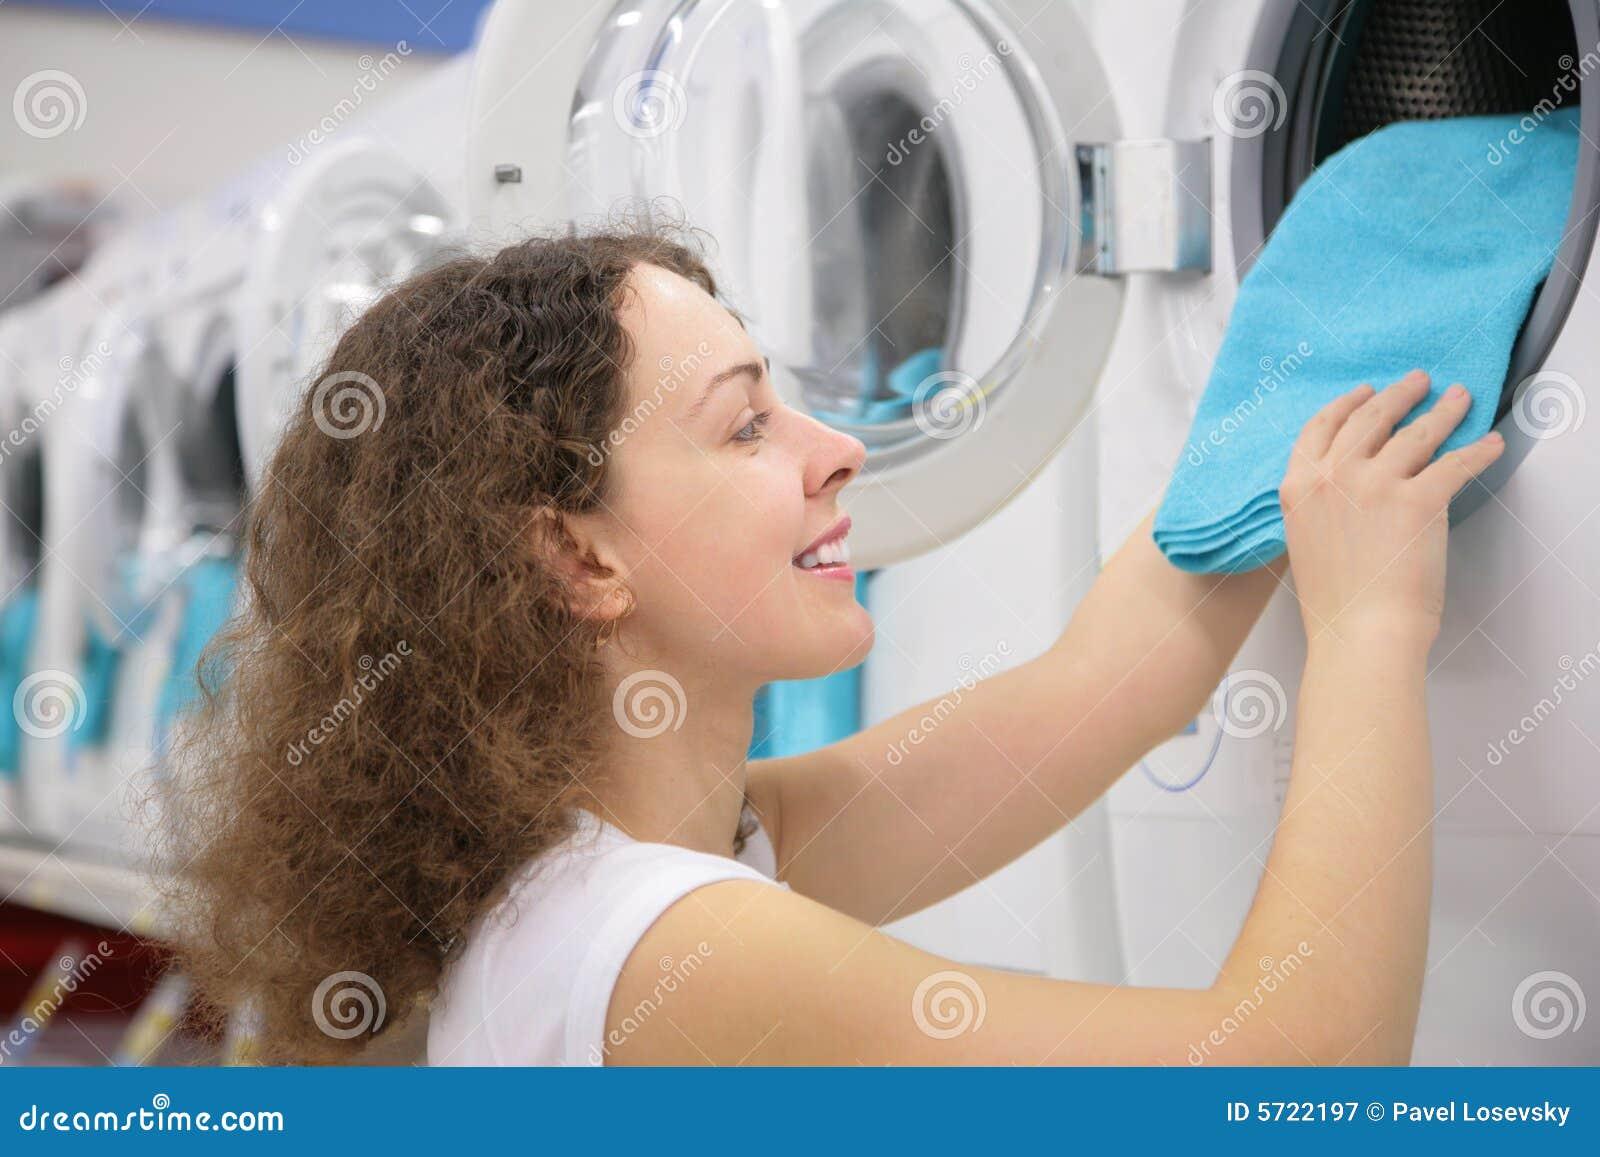 Young woman puts linen in washing machine in shop